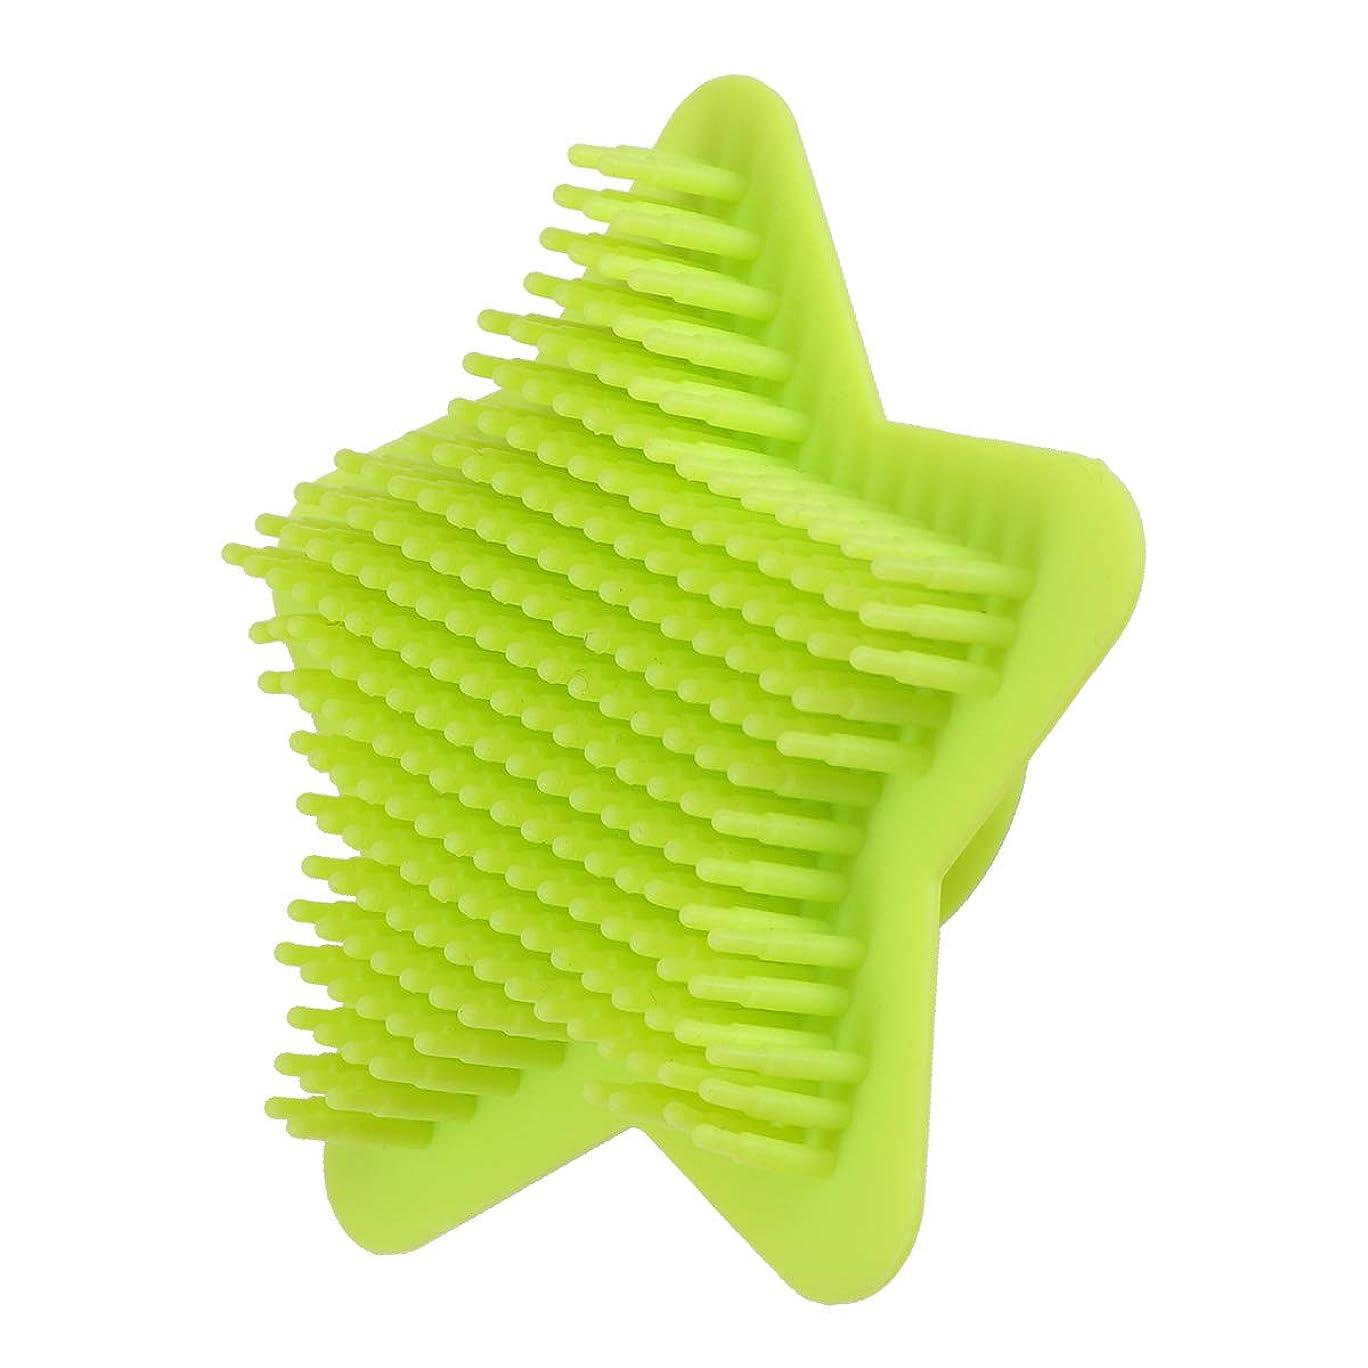 ラジエーターリアル独裁者Healifty ヘアシャンプーブラシ頭皮シャワースクラバーマッサージブラシバスブラシソフトボディマッサージャー洗浄コームボディシャワーバスブラシ(グリーン)